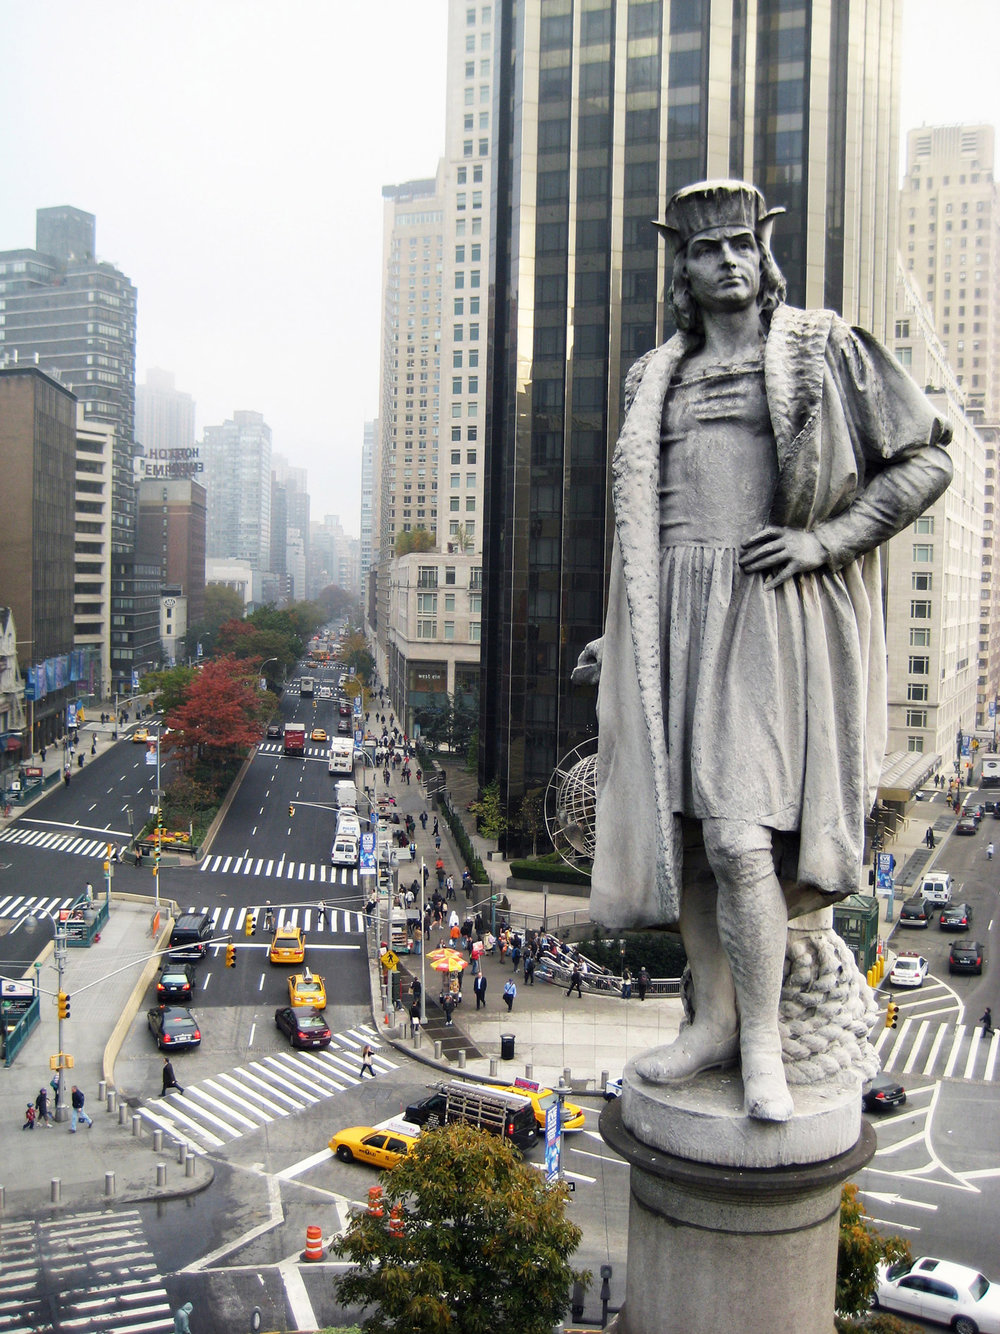 Statue in Columbus Circle